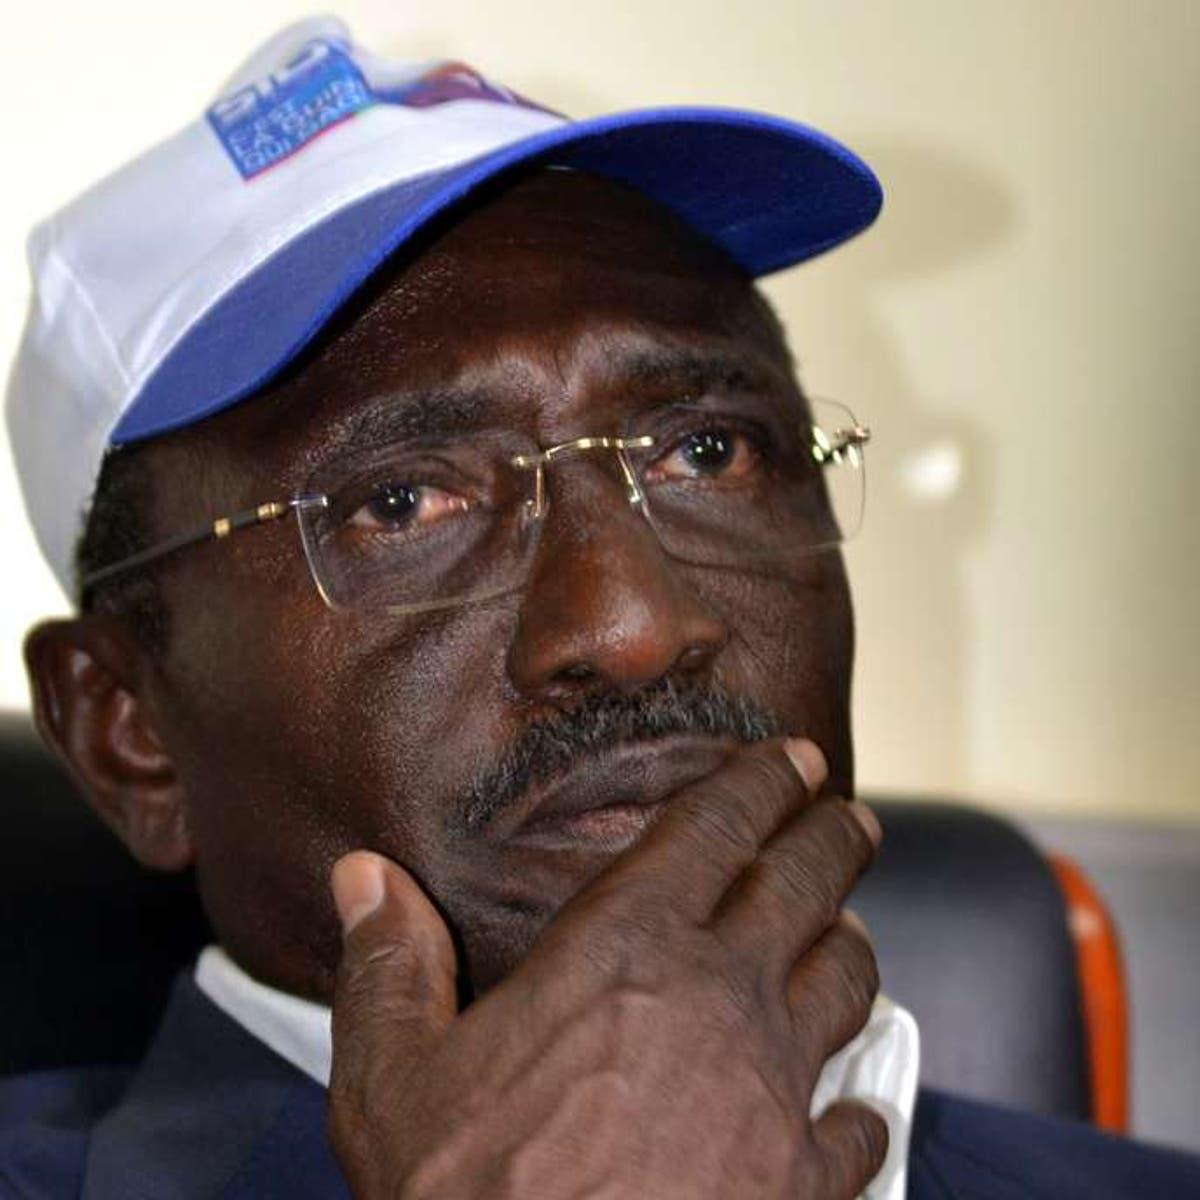 Affaire passeport de Sidya Touré: l'avocat du leader de l' UFR écrit au procureur du Tribunal de Mafanco